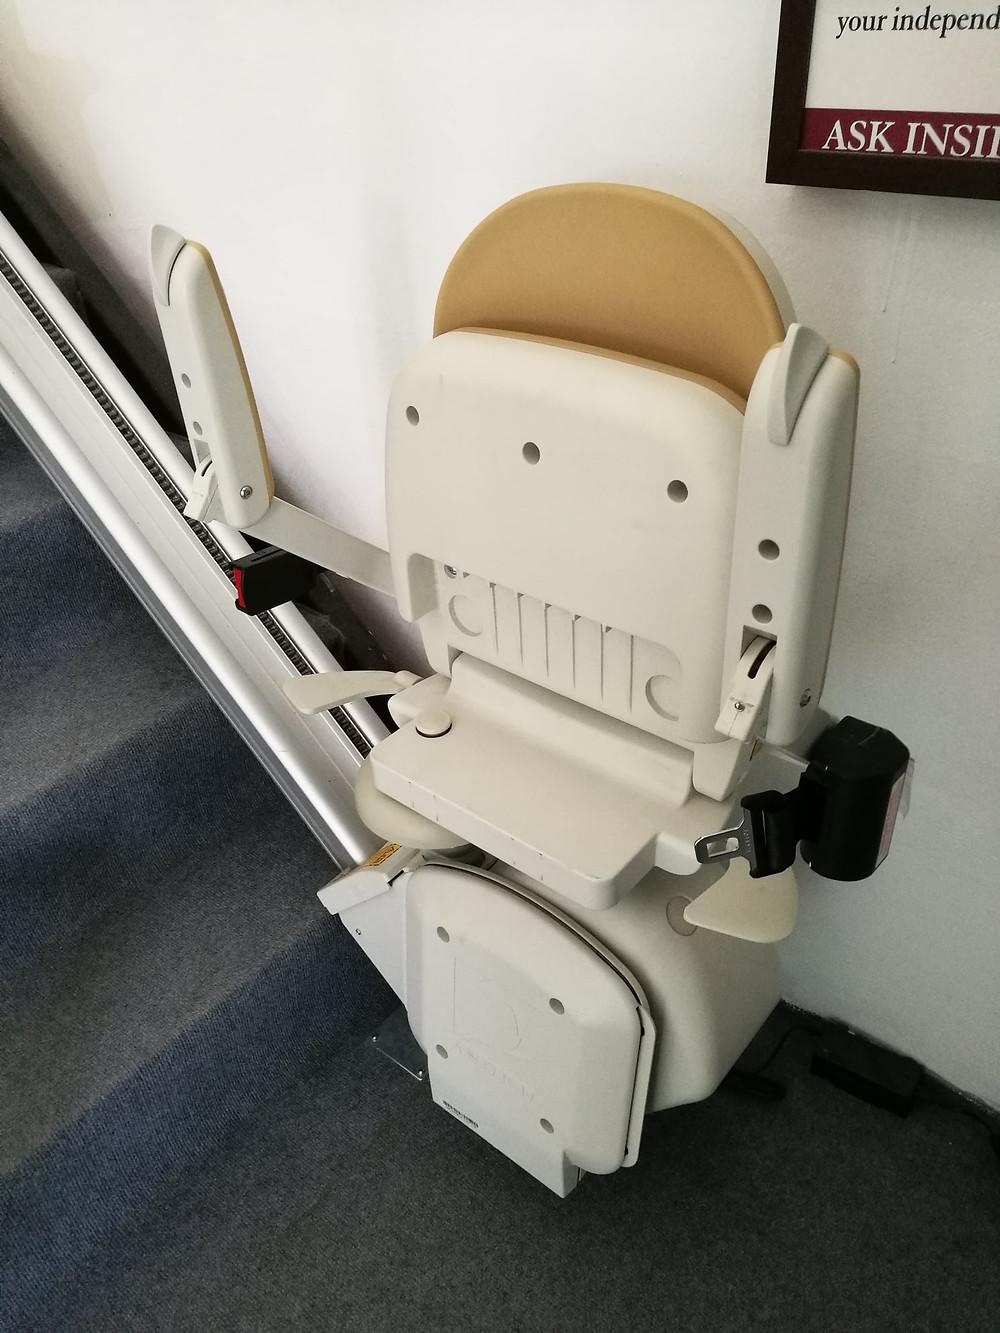 เมื่อเก้าอี้ลิฟต์ไม่ได้ใช้งานสามารถพับ ที่วางแขน เก้าอี้ และที่วางเท้าได้ครับ